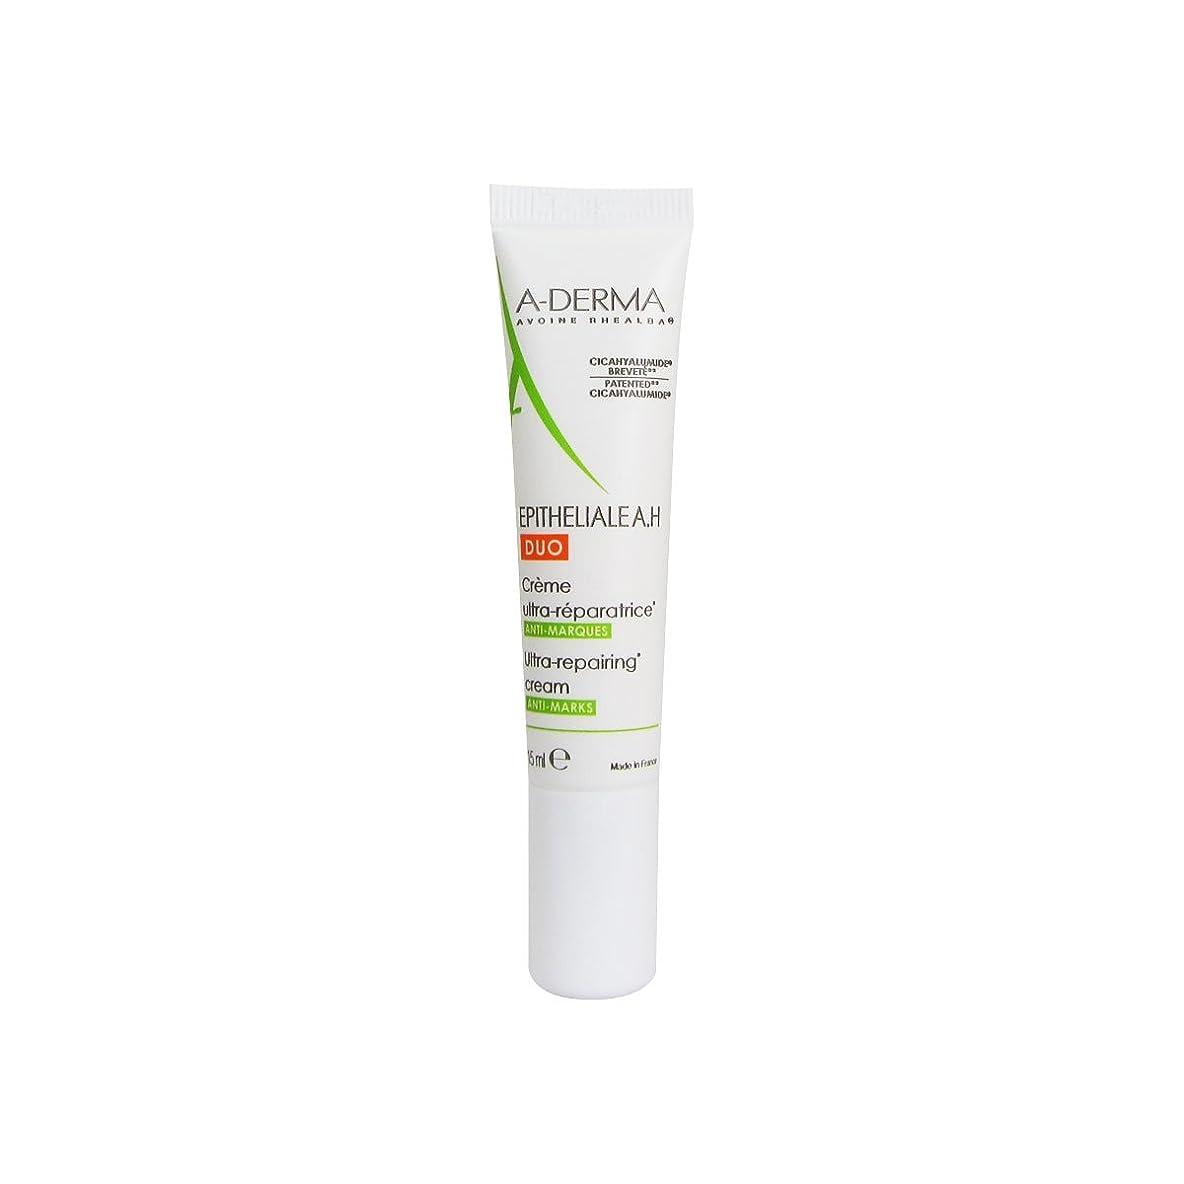 未来スペード余暇A-derma Epitheliale Ah Duo Repair Cream 15ml [並行輸入品]